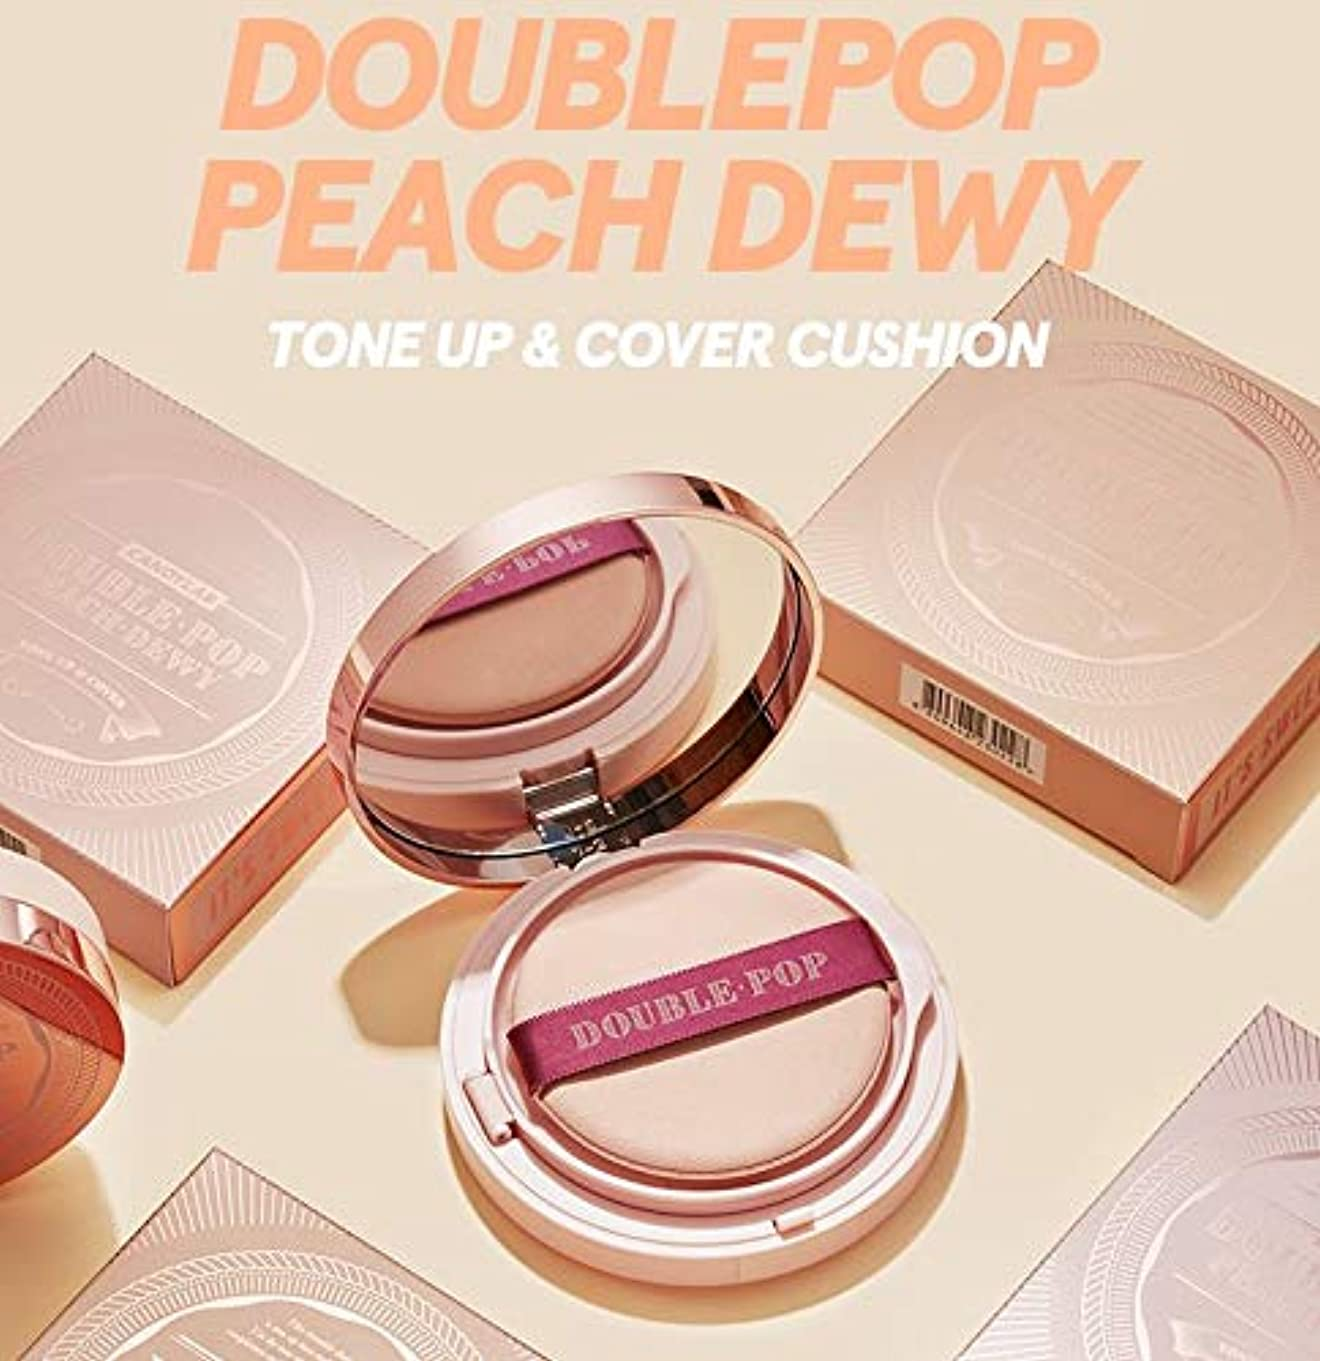 適応目立つ犯す【キャンディラボ公式ストア】Doublepop Peach Dewy Cushion/ダブルポップピーチ クッションファンデ/正品?海外直送商品 [並行輸入品] (#23 Sand Peach)